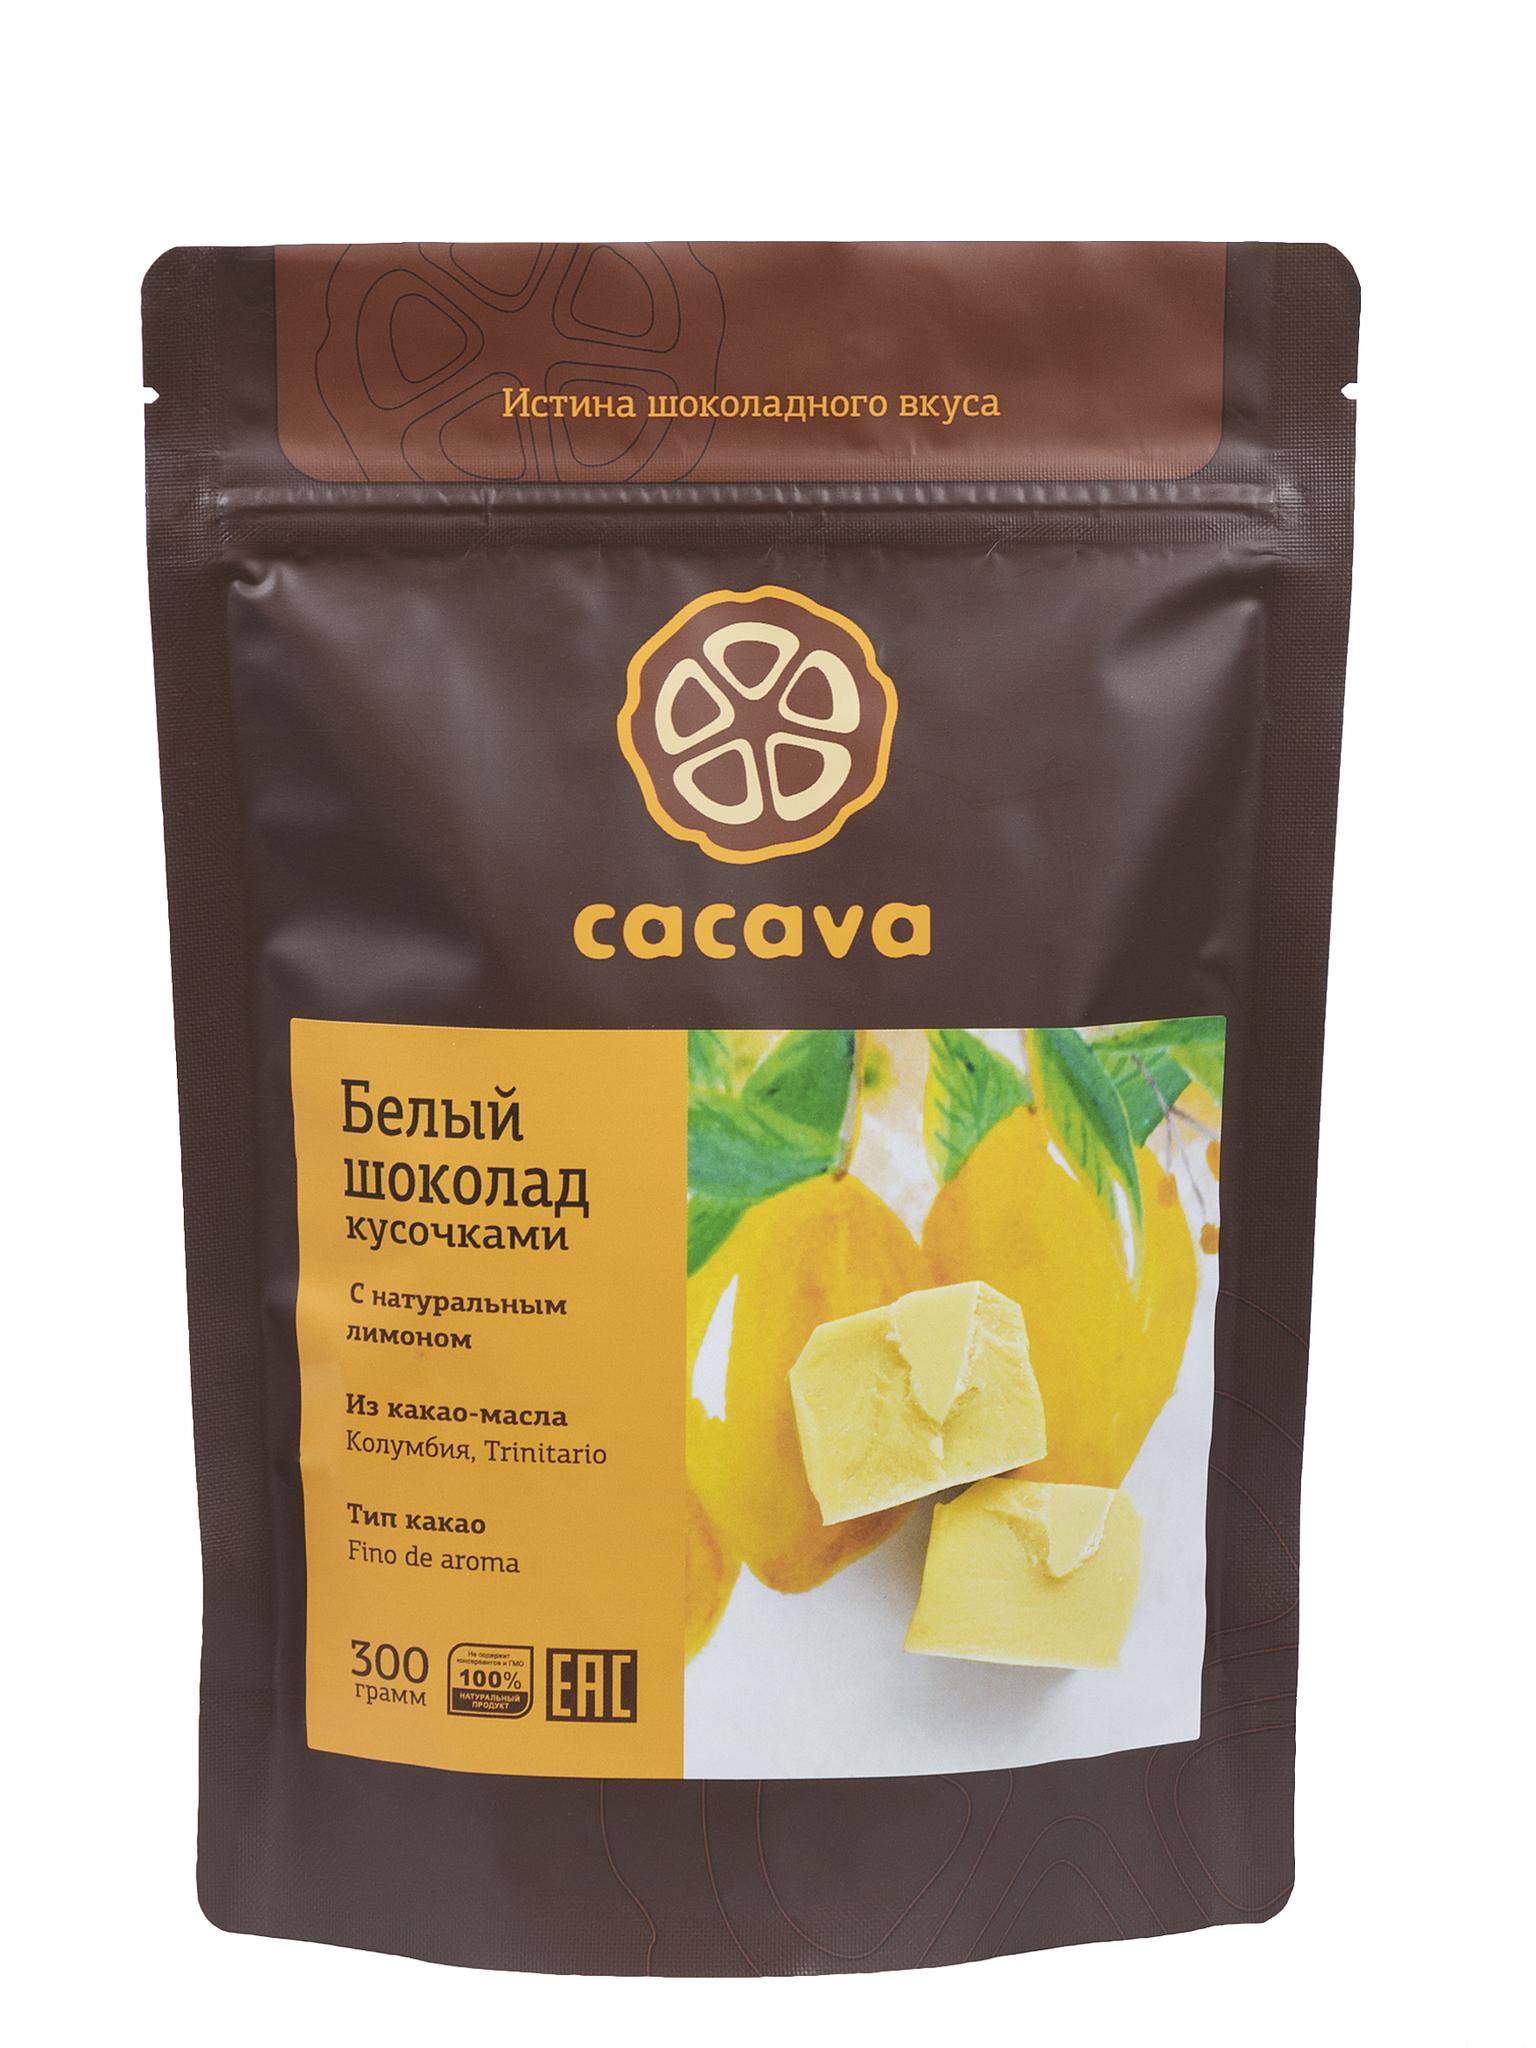 Белый шоколад с лимоном, упаковка 300 грамм